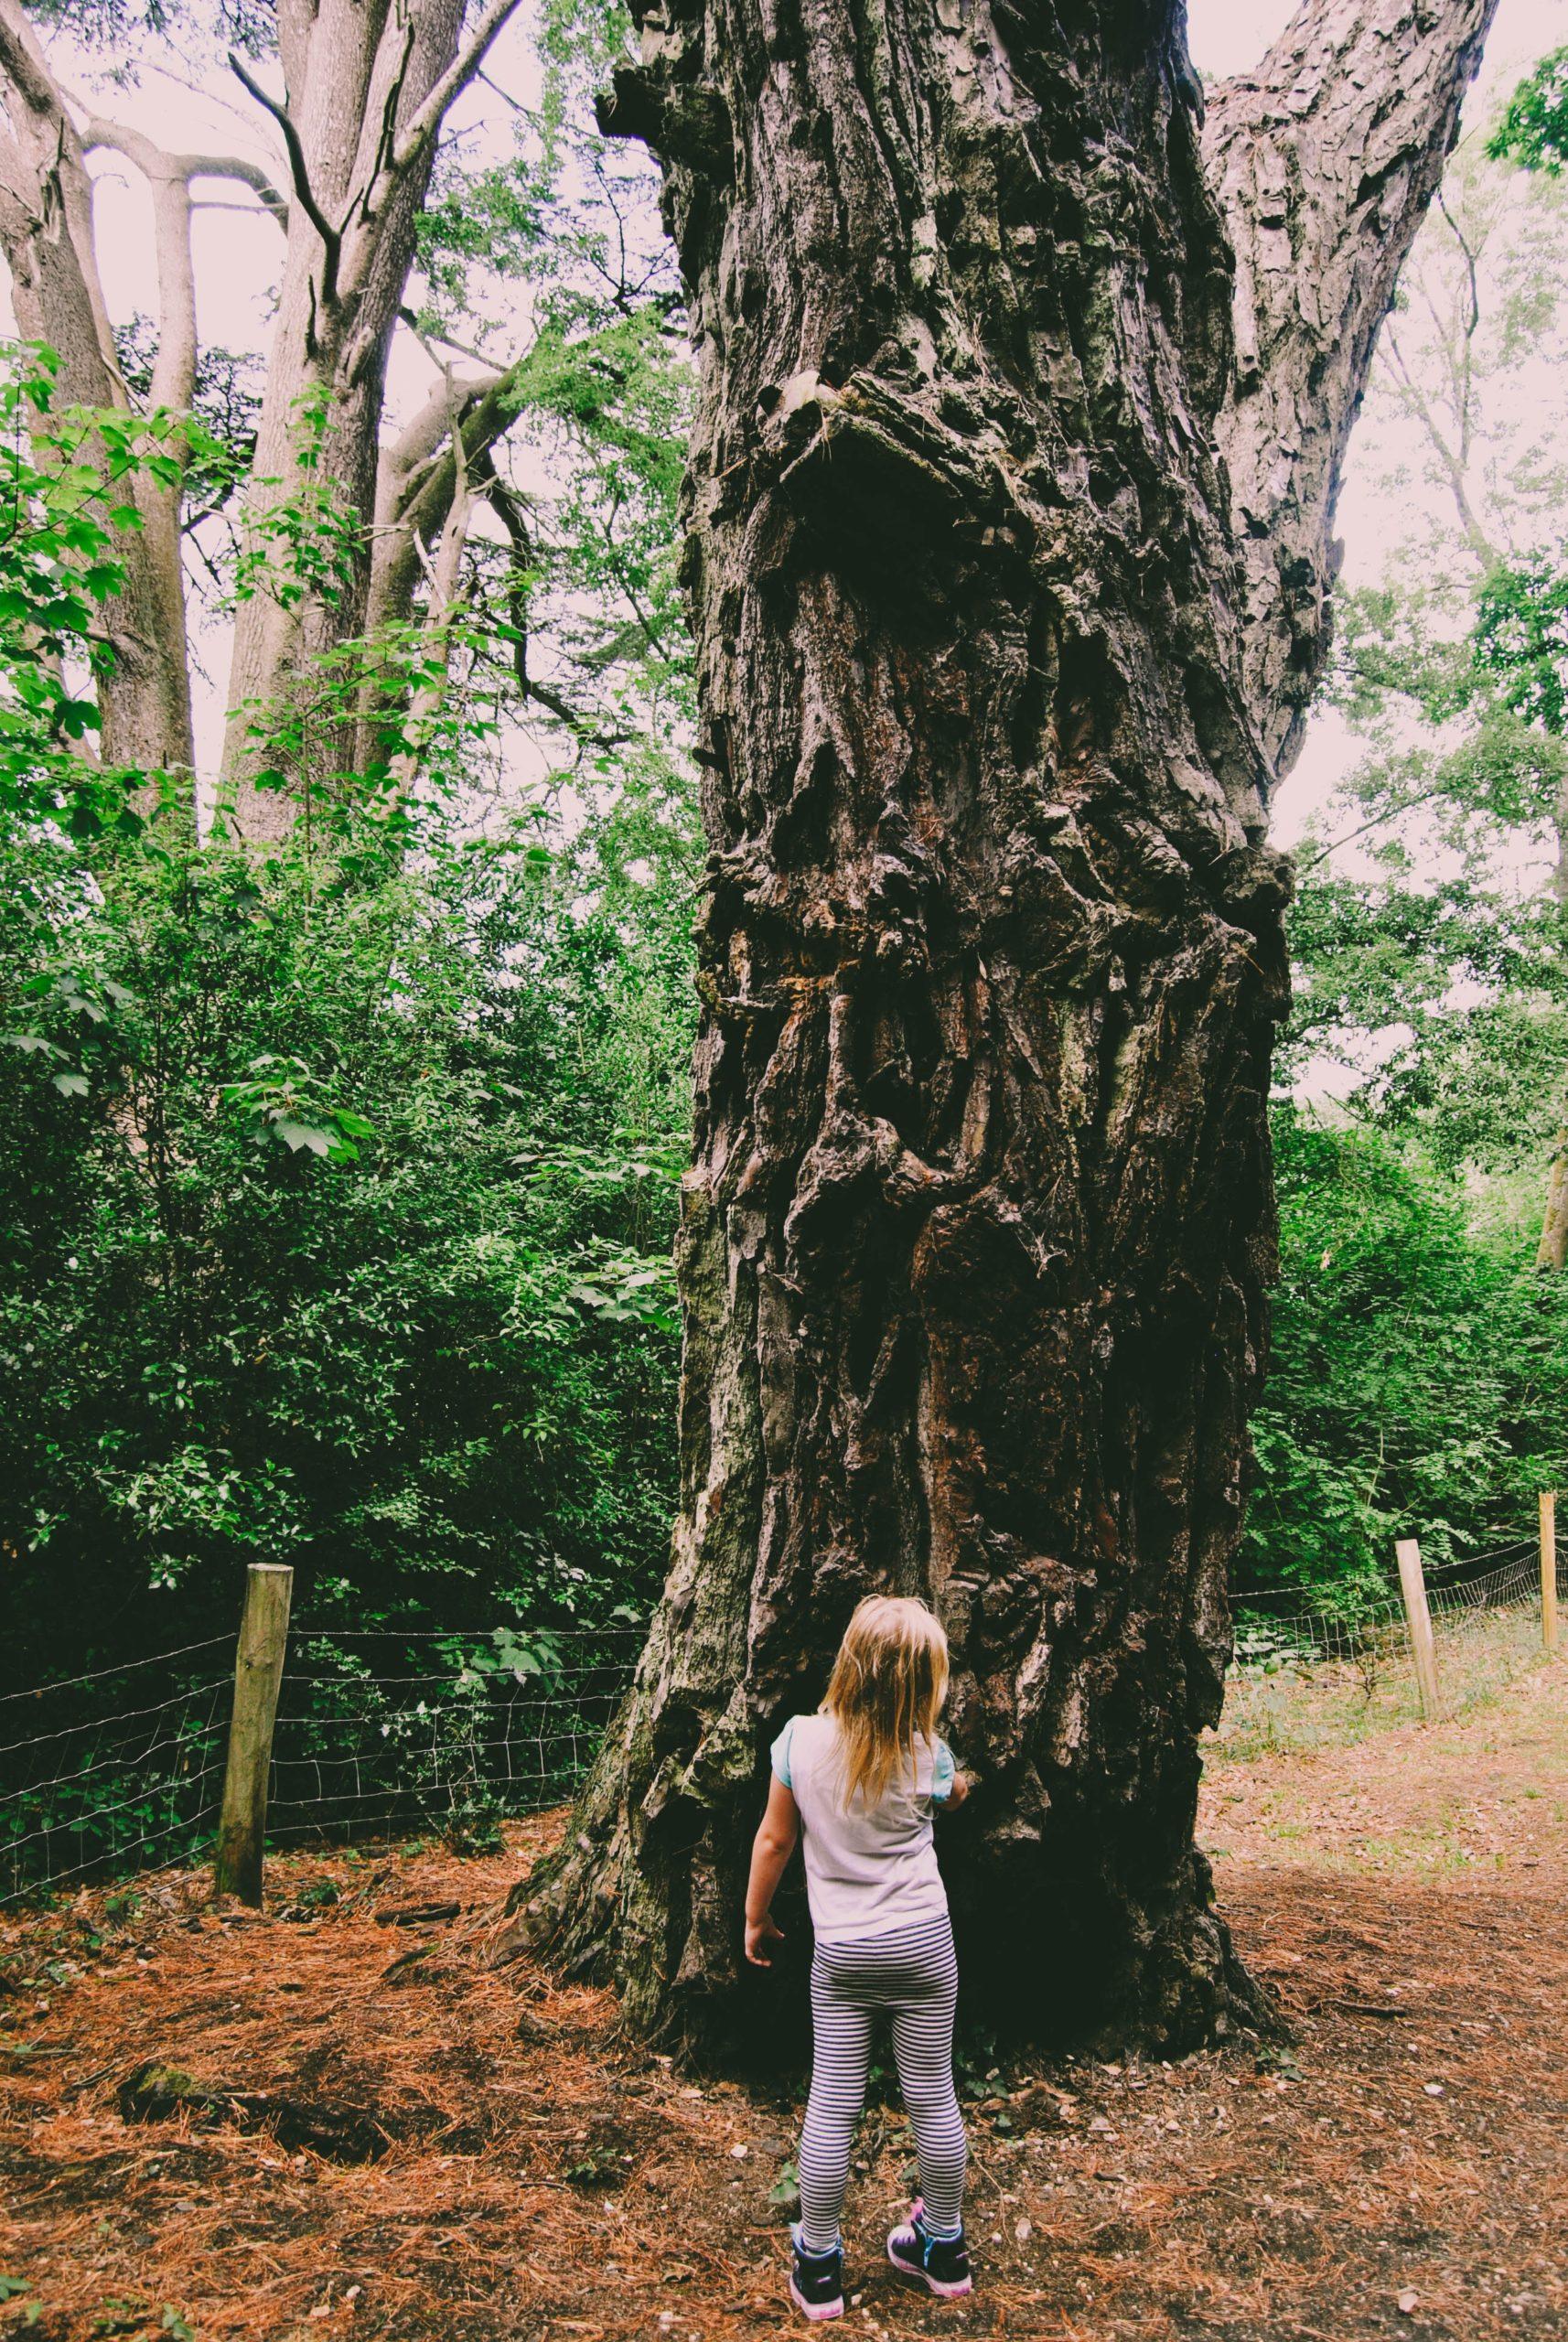 ジブリパークのどんどこ森エリアはトトロの世界が満喫できる!サツキとメイの家は再現性が凄い!